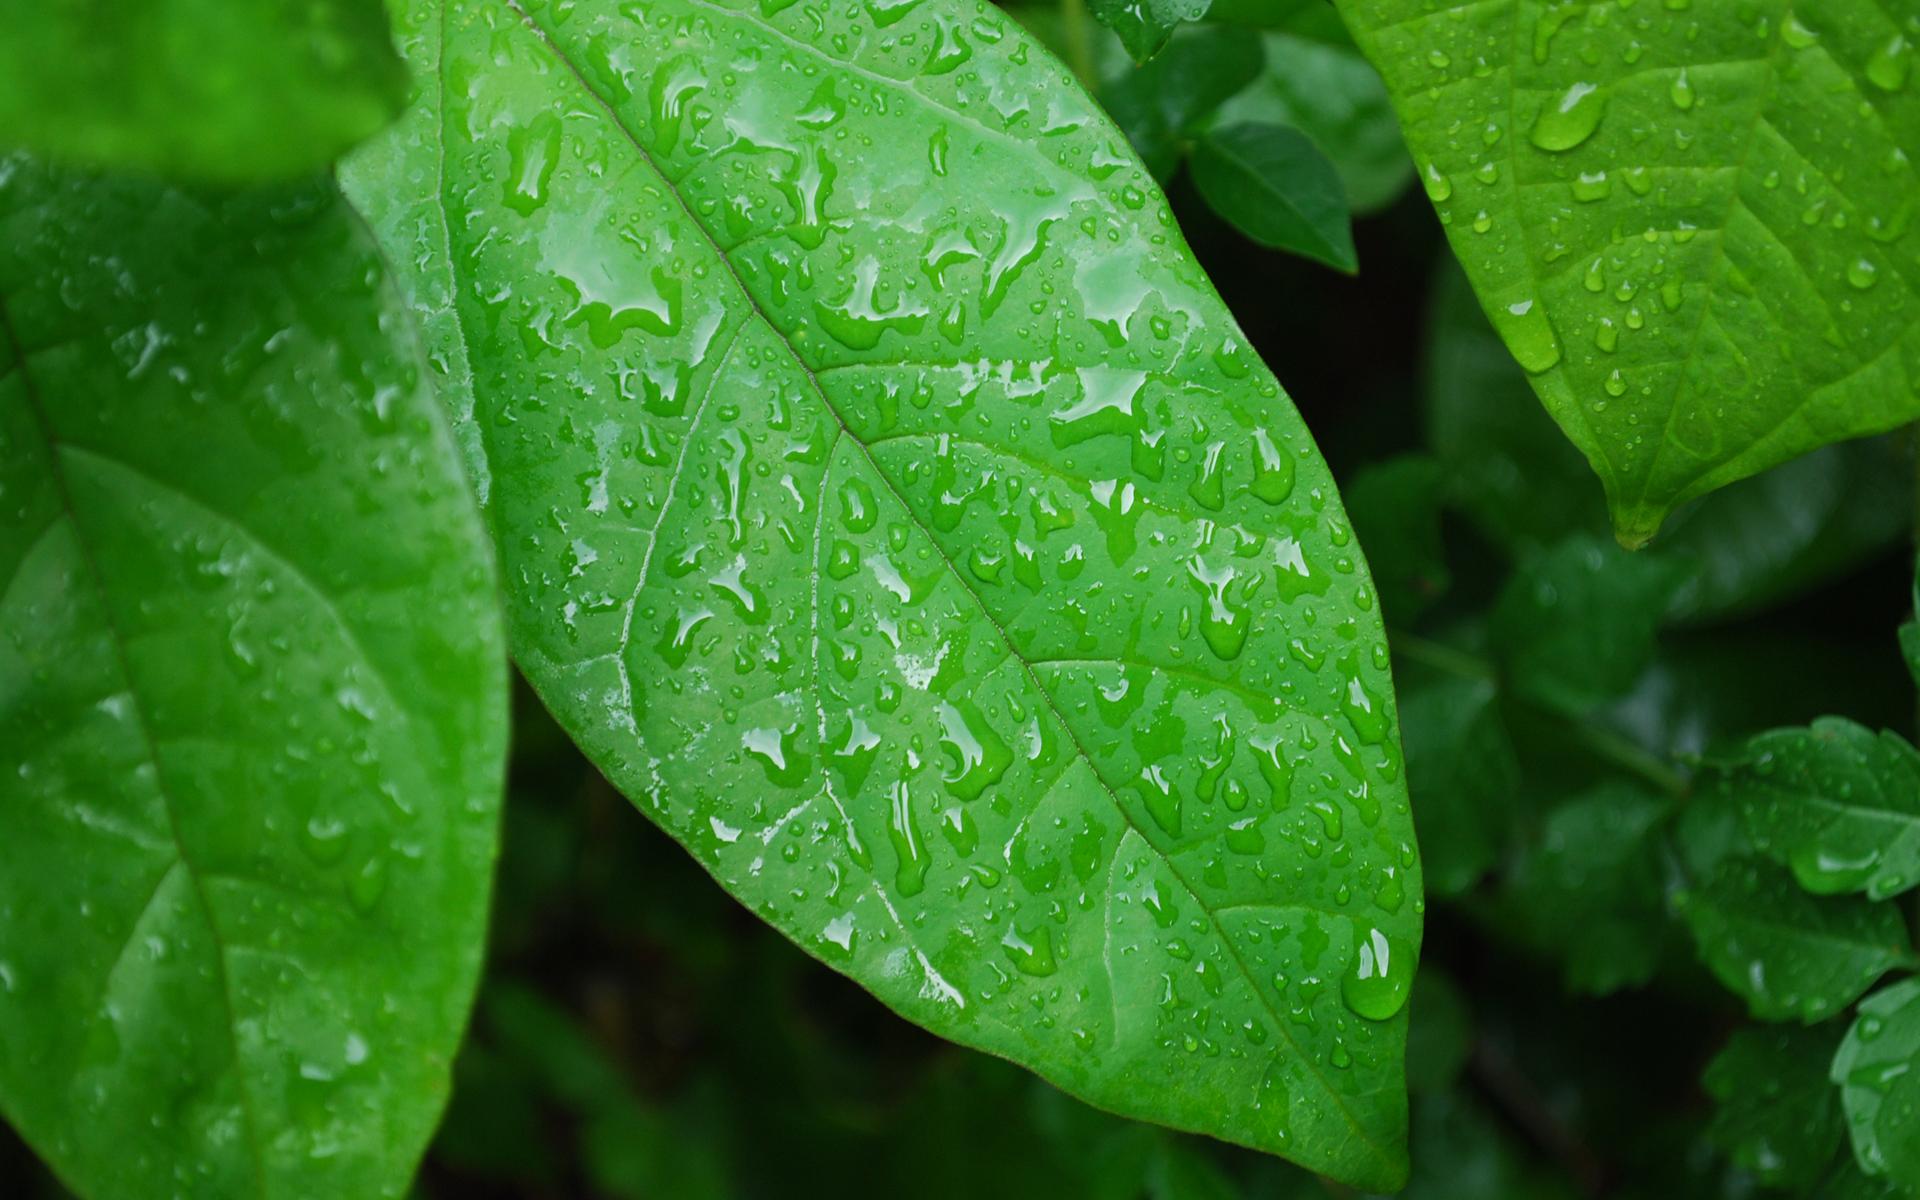 წვიმის წყალი მცენარეებისათვის